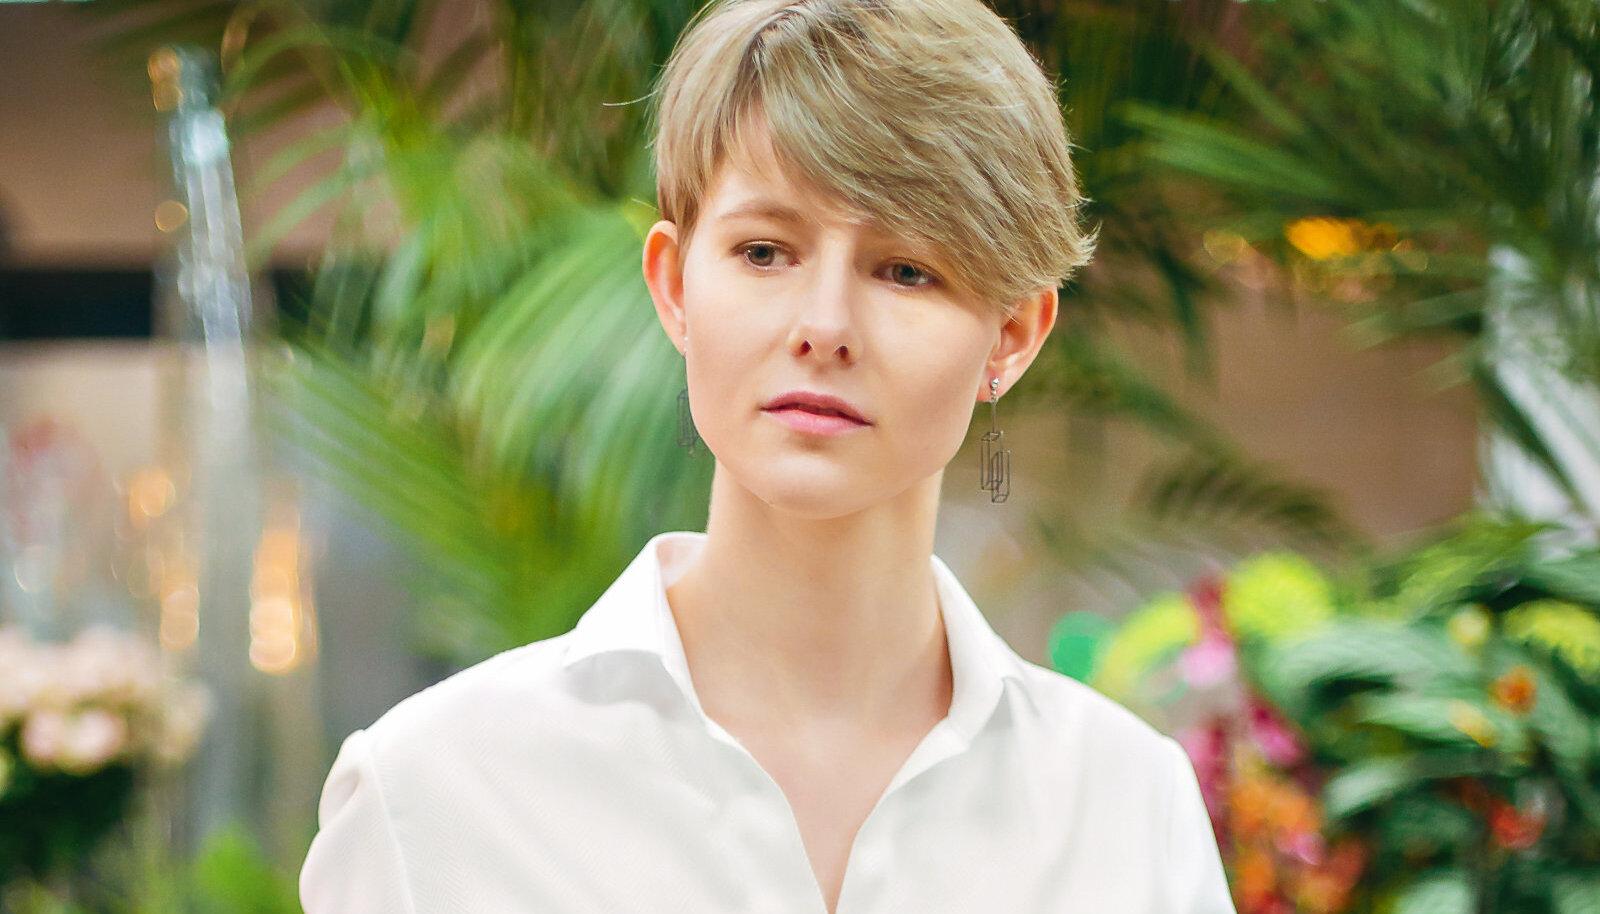 Анна Соловьева, стилист, дизайнер одежды